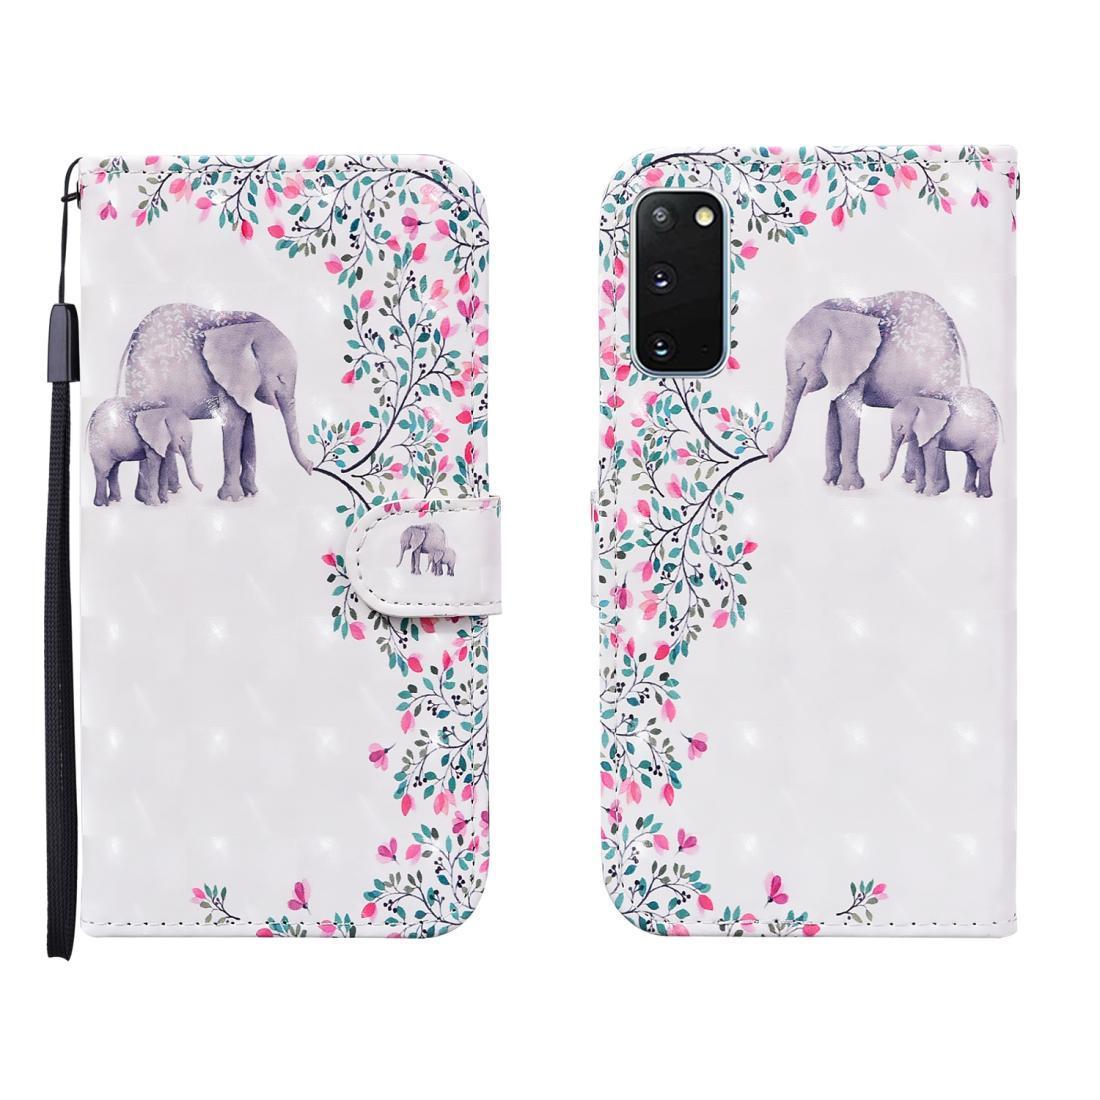 Для Samsung Galaxy S20 FE 3D Окрашенные Pattern Horizontal Флип кожаный чехол с слот держатель карточки бумажника талреп